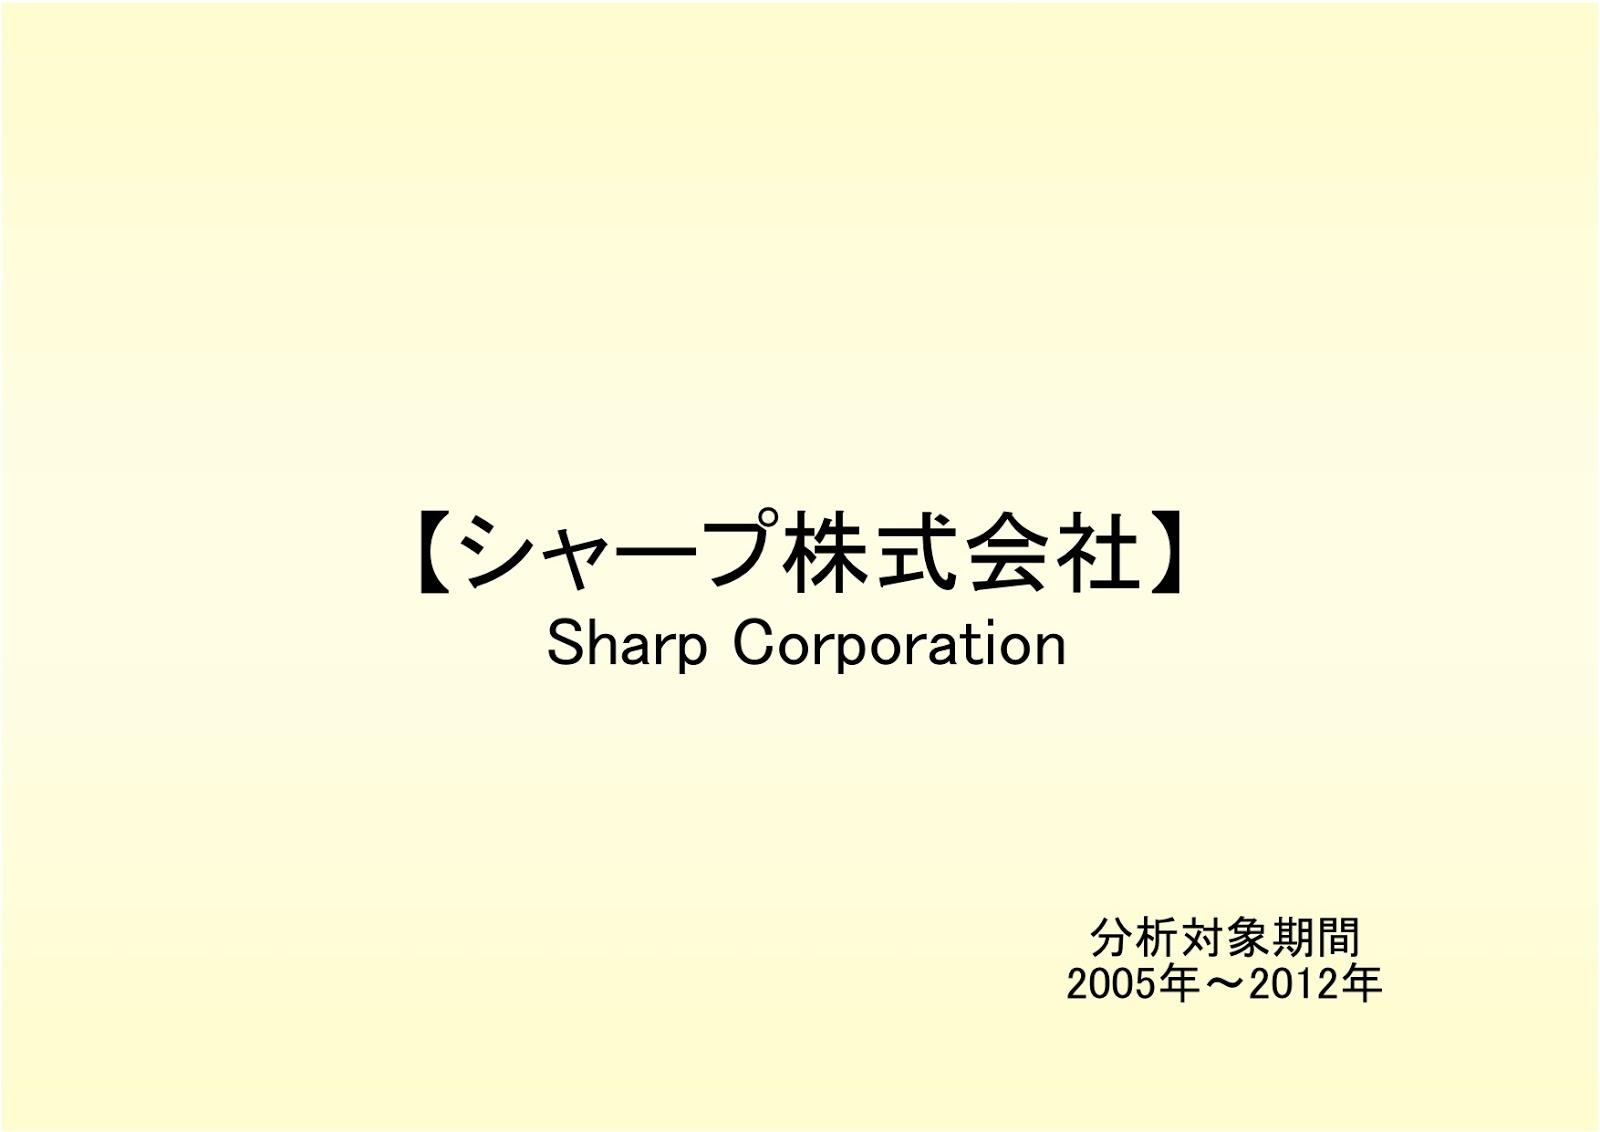 シャープ株式会社の財務分析